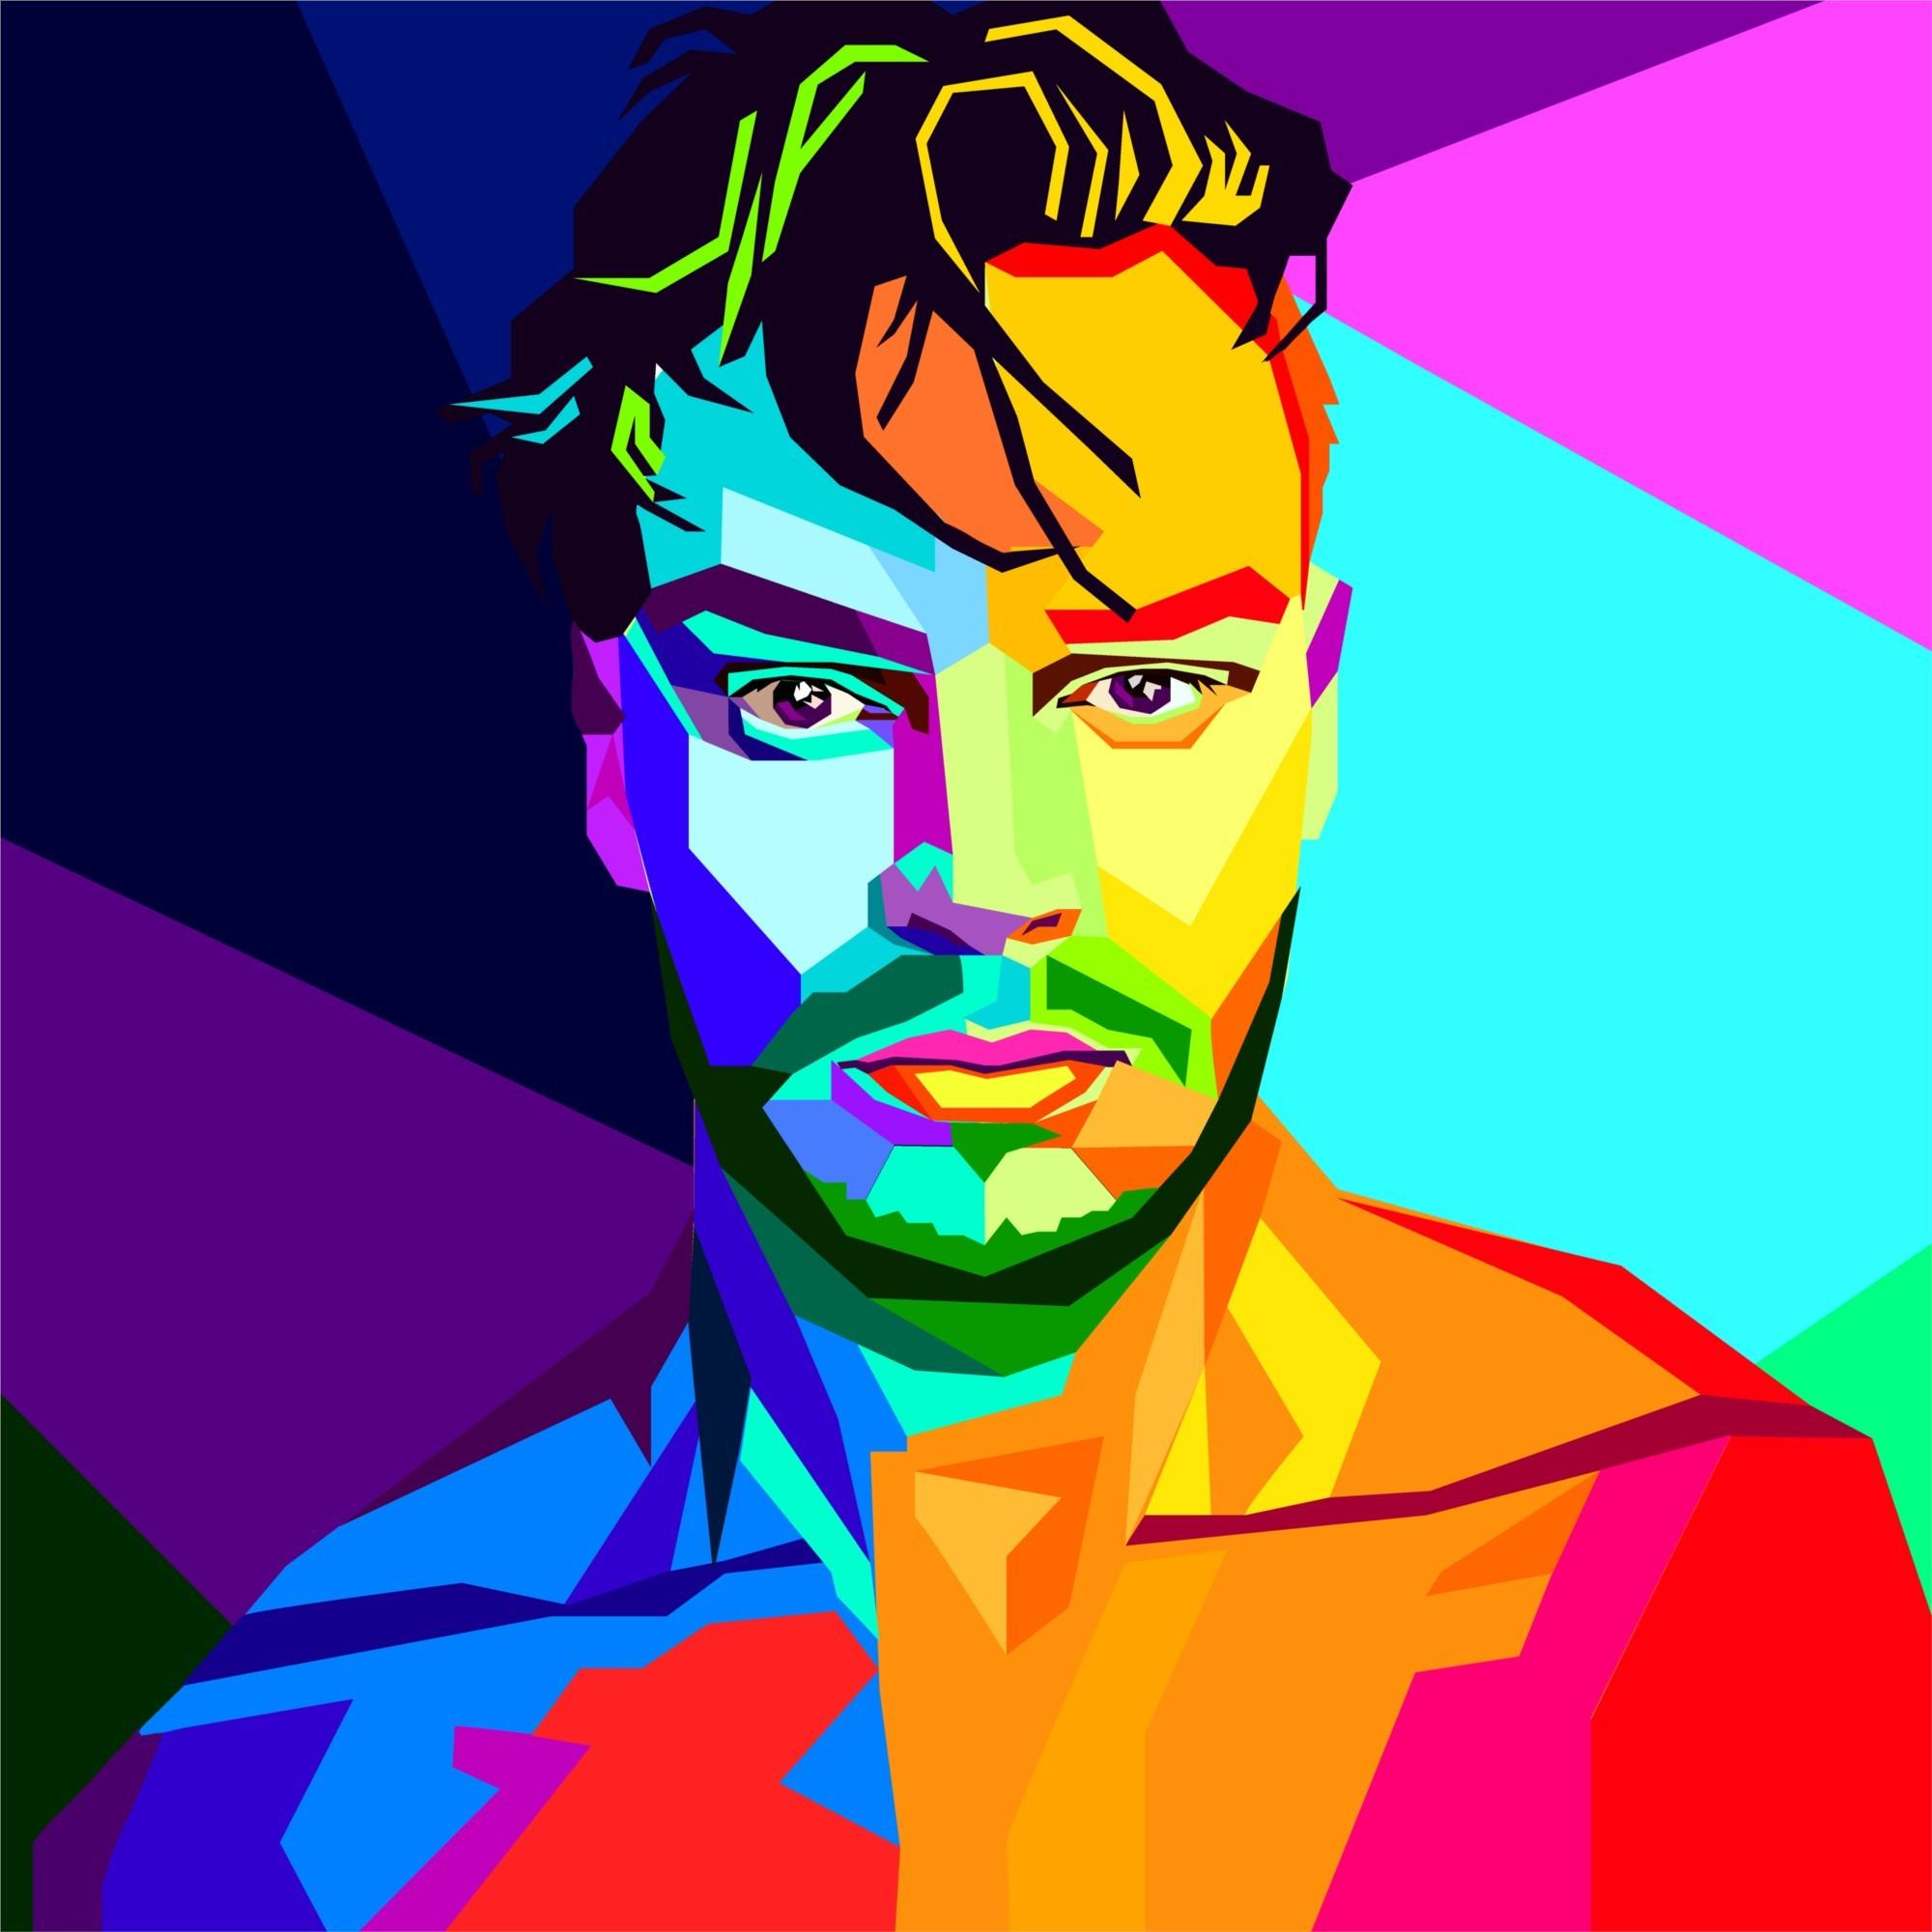 Портрет WPAP - Wedha Pop Art